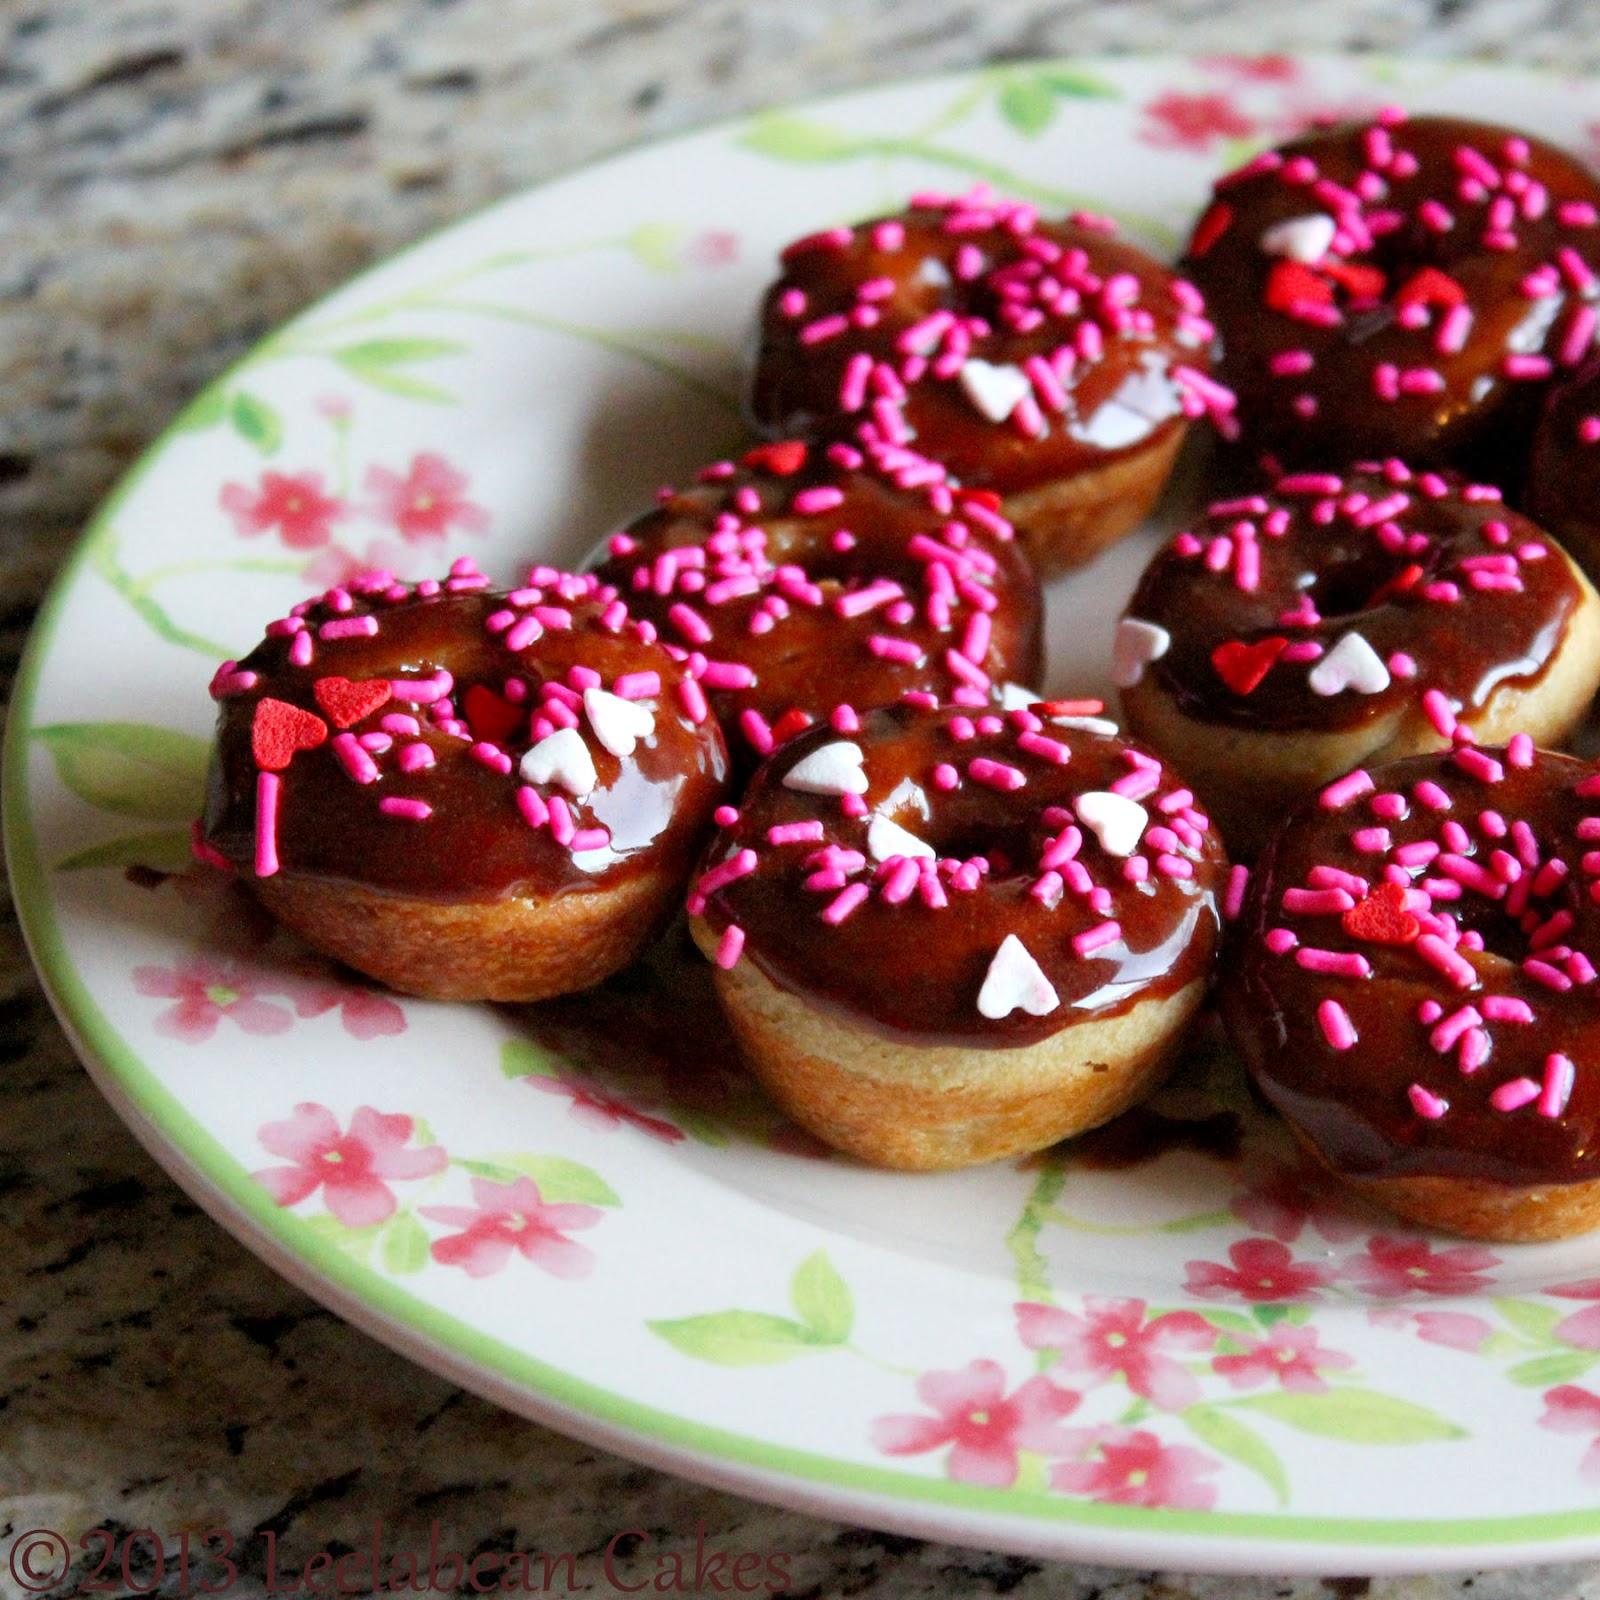 Confetti Cake Baked Doughnuts Recipes — Dishmaps